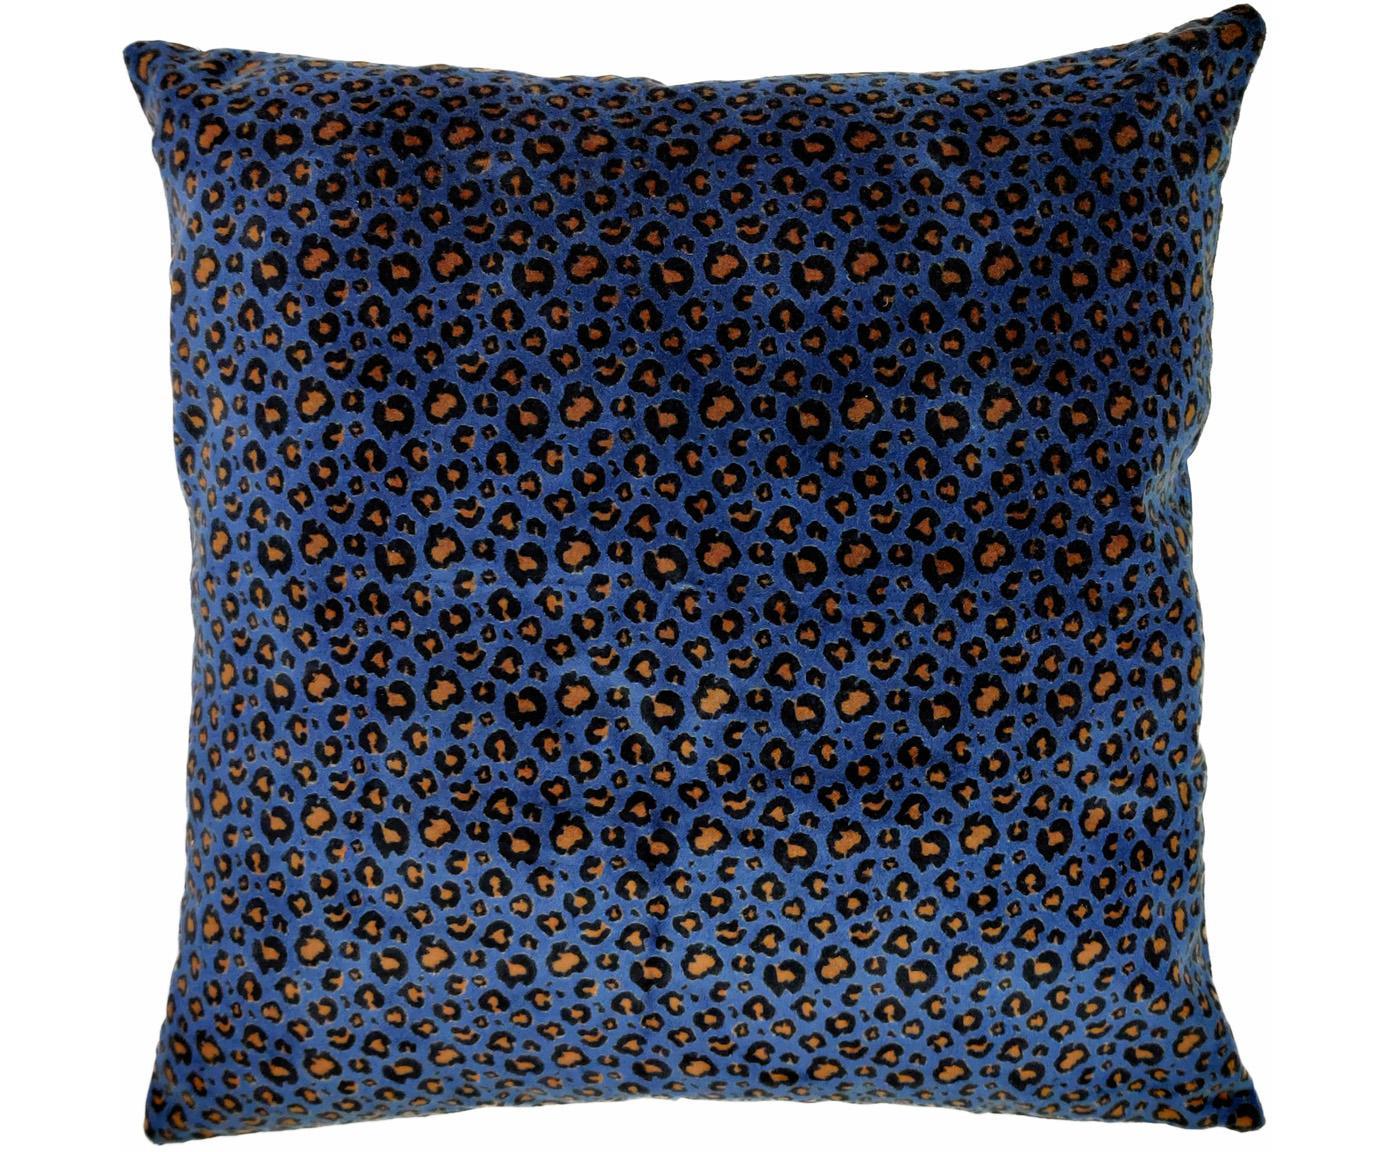 Samt-Kissen Leopard, mit Inlett, Bezug: 100% Baumwolle, Blau, Schwarz, Beige, 45 x 45 cm